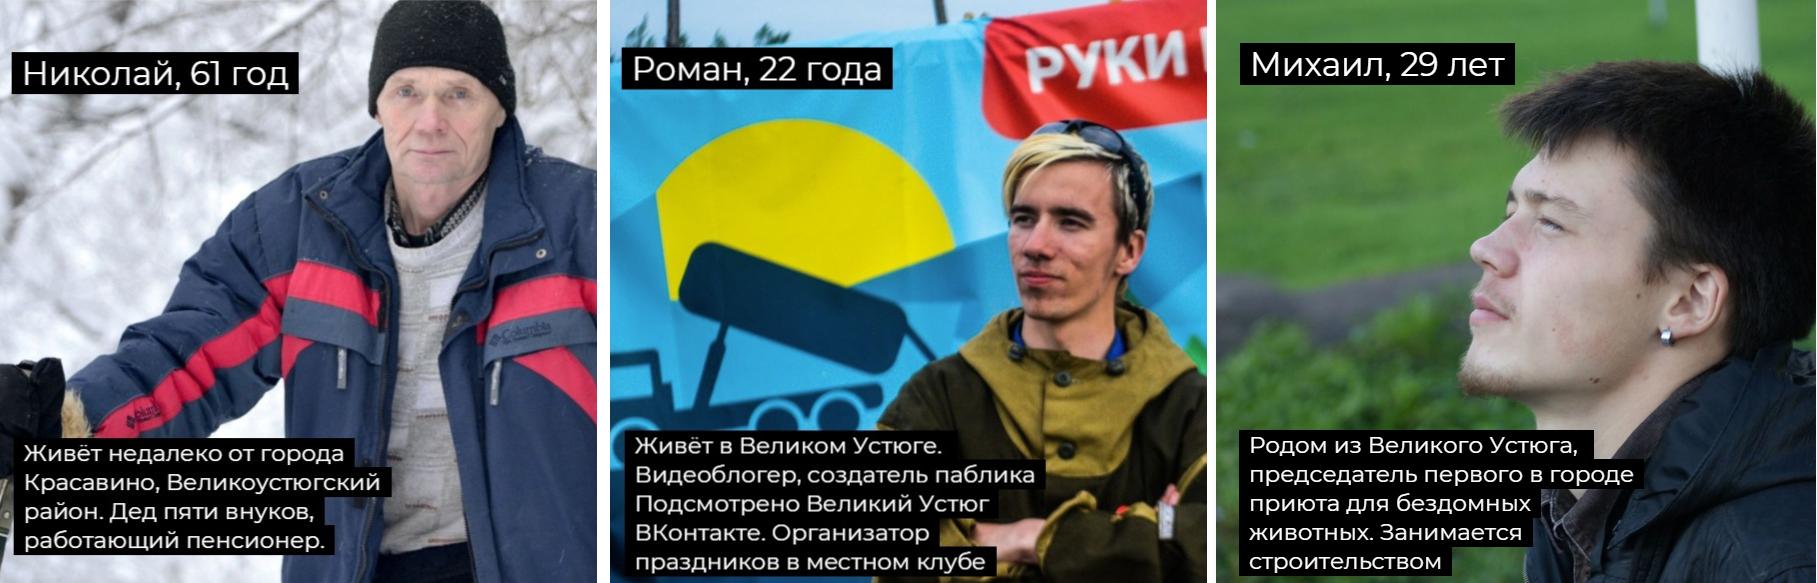 «Это моя гражданская позиция»: почему жители Вологодской области ездят на акции протеста в Шиес